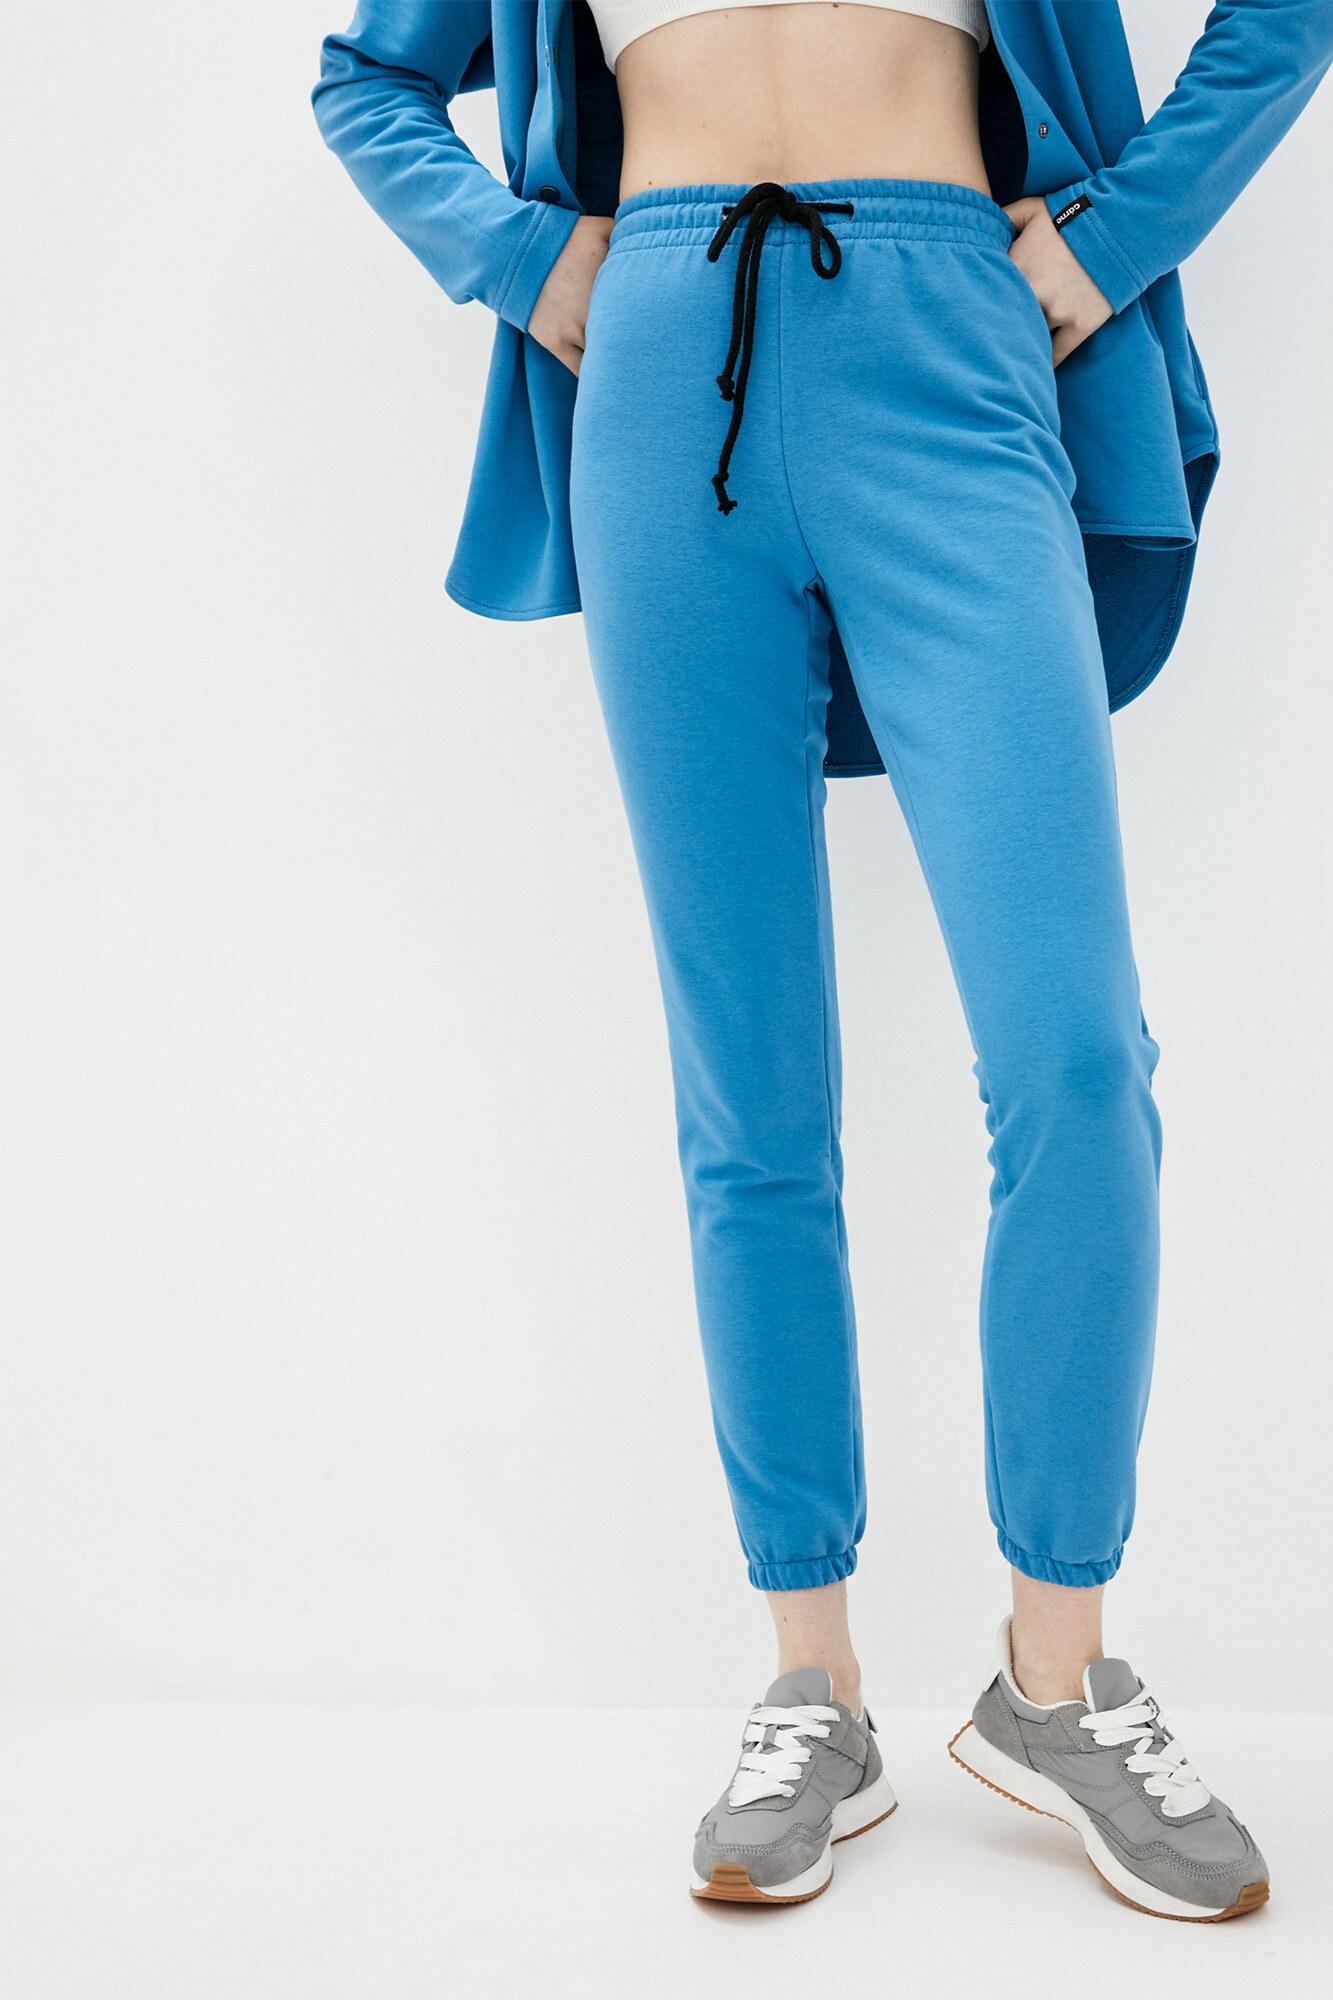 Хлопковые спортивные штаны джоггеры голубого цвета на манжетах GEN